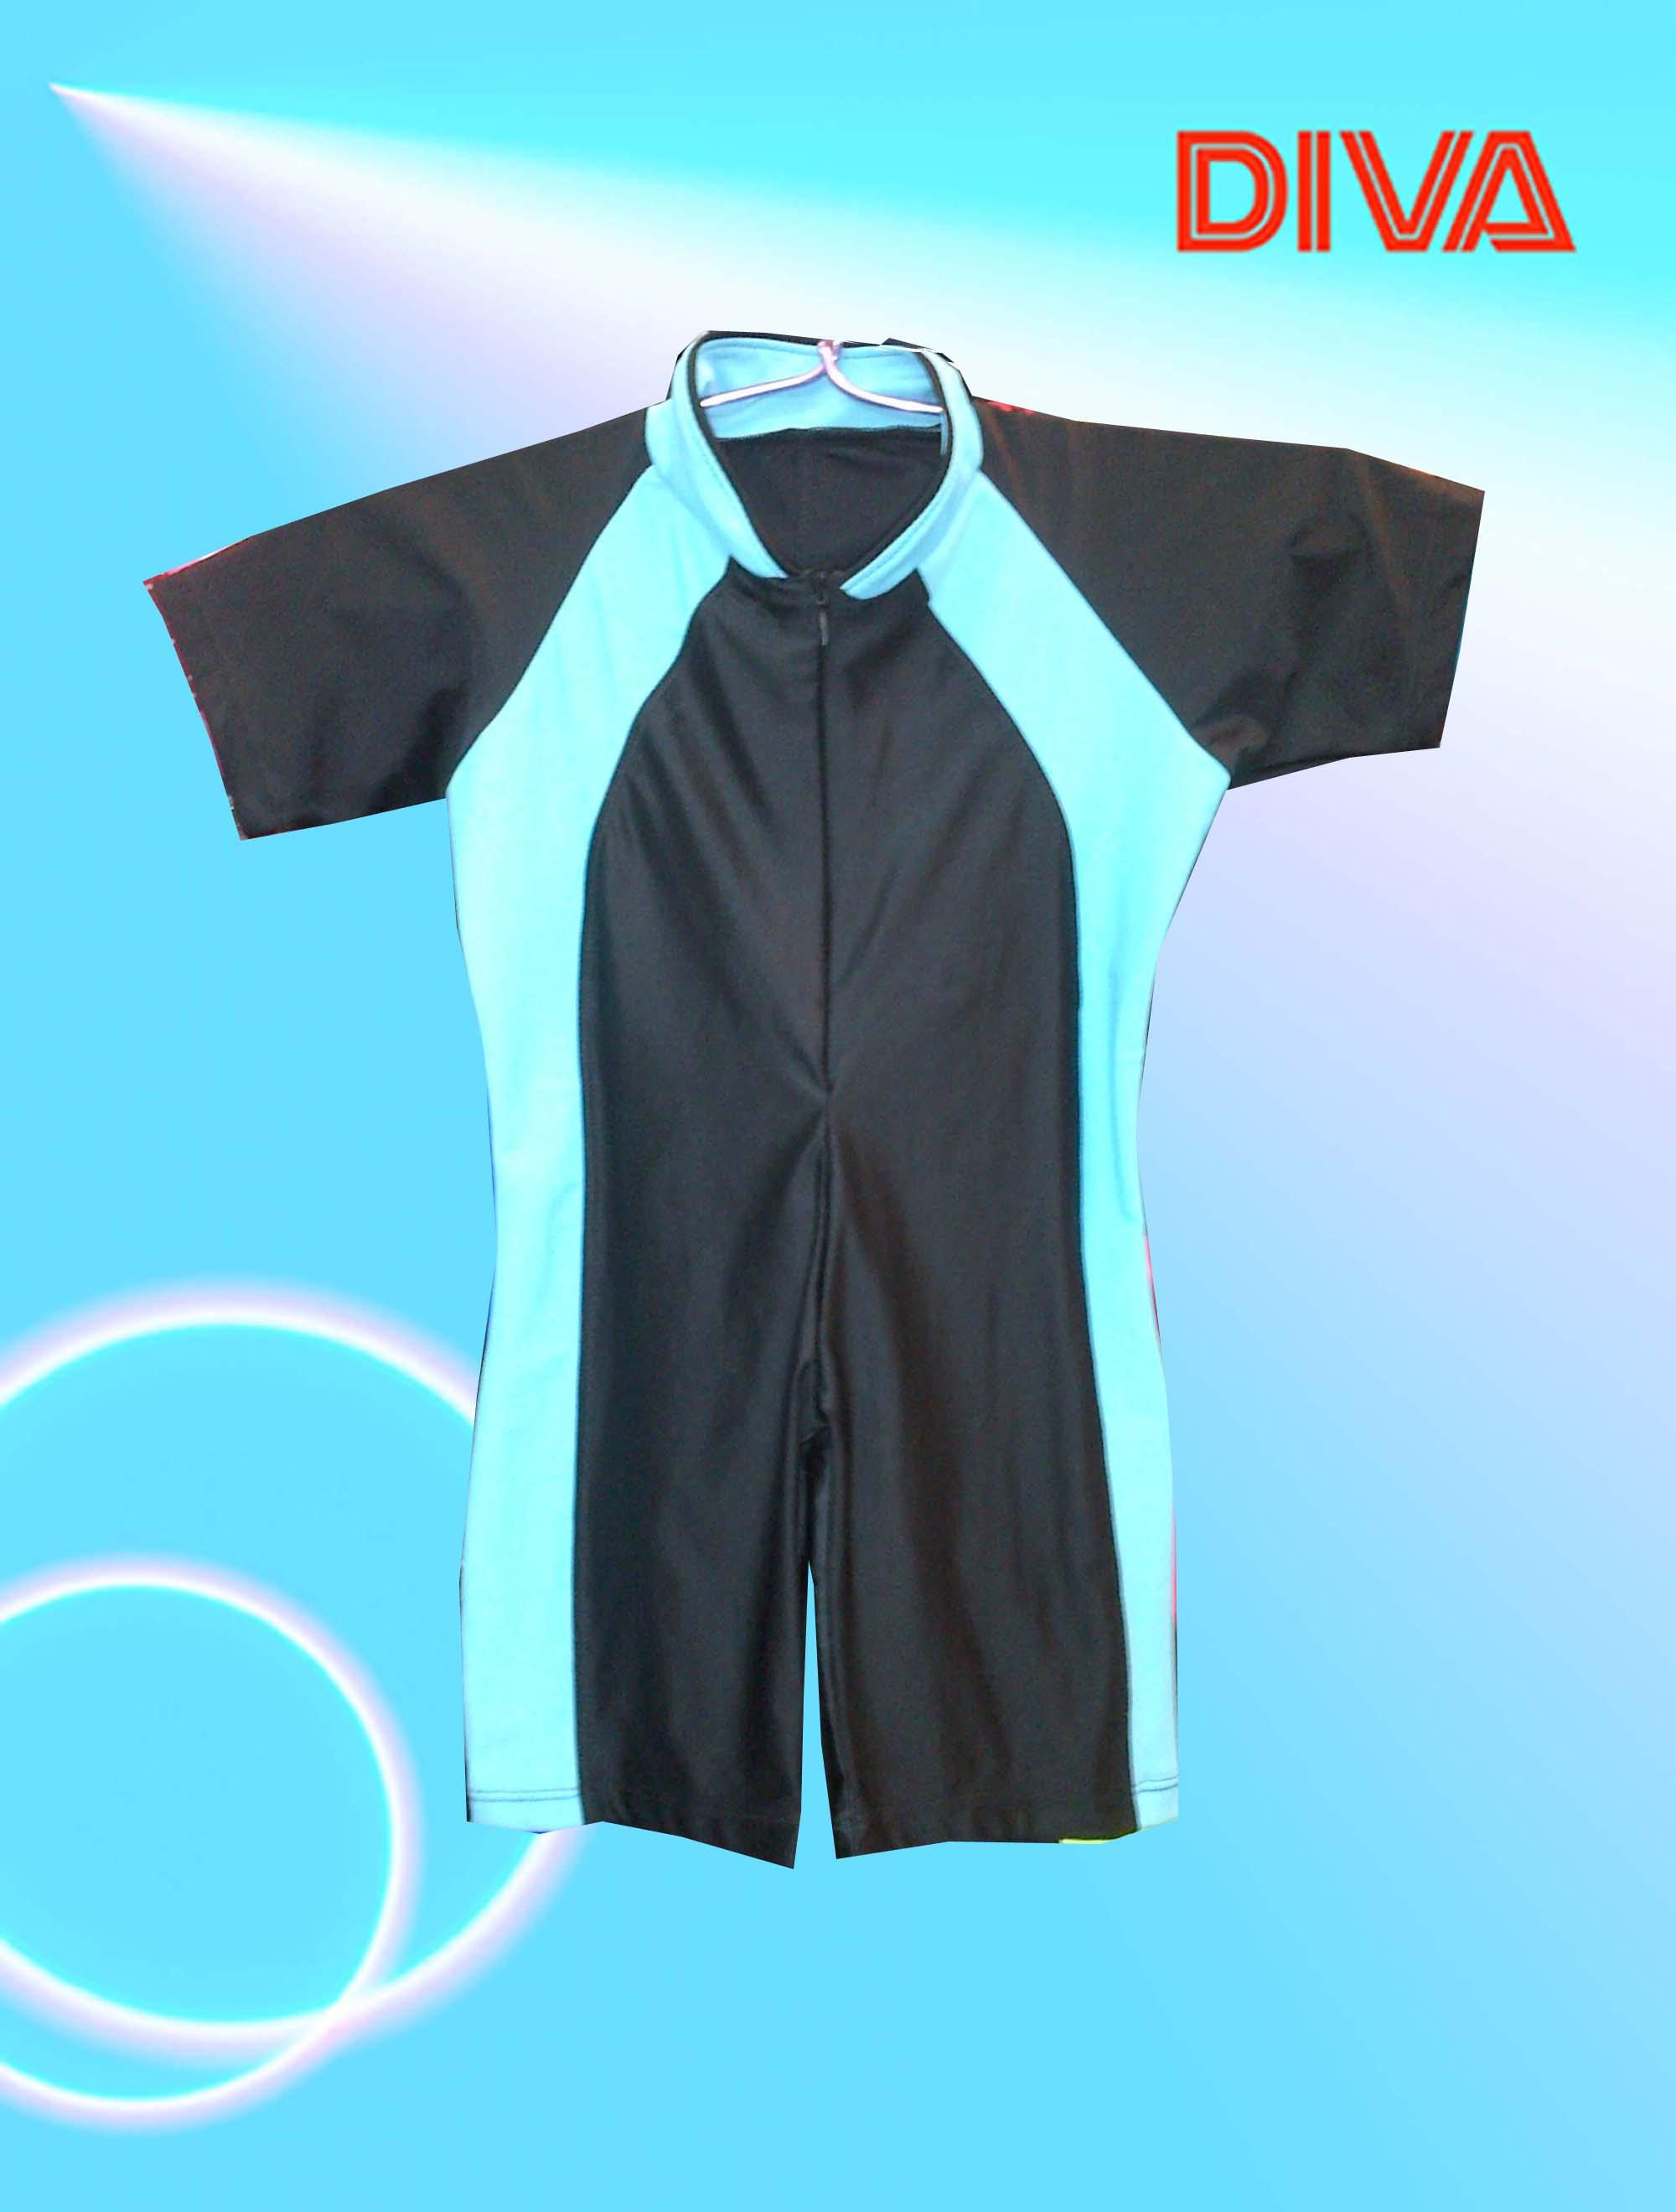 Anak Baju Renang Celana Swimsuit Jual Muslimah Perempuan Alk 7002 7004 Al 7001